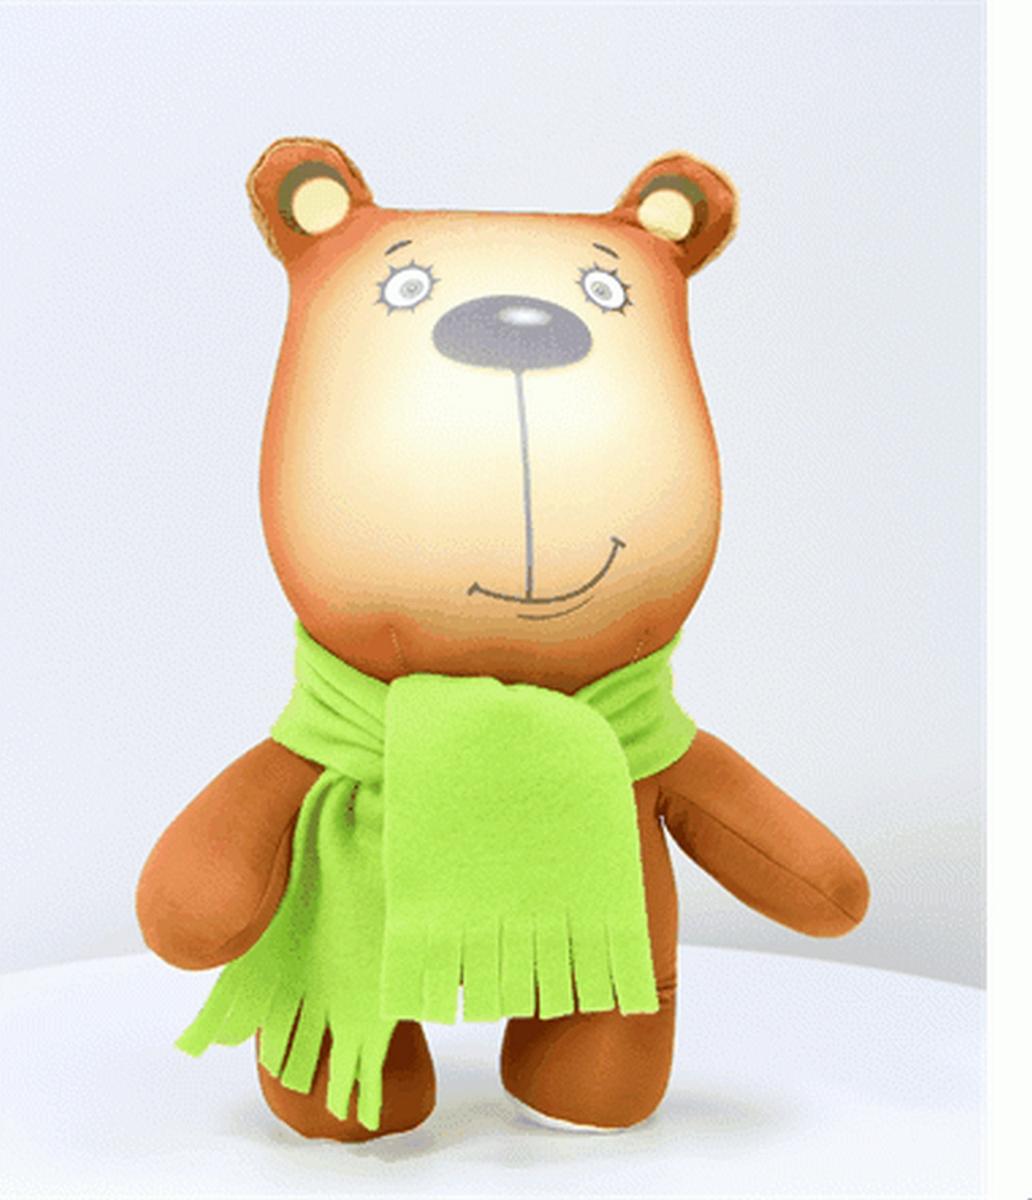 Игрушка антистресс Штучки, к которым тянутся ручки Звери в шарфах Медведь игрушка антистресс штучки к которым тянутся ручки лиса открытка в ассортименте 18асо03ив